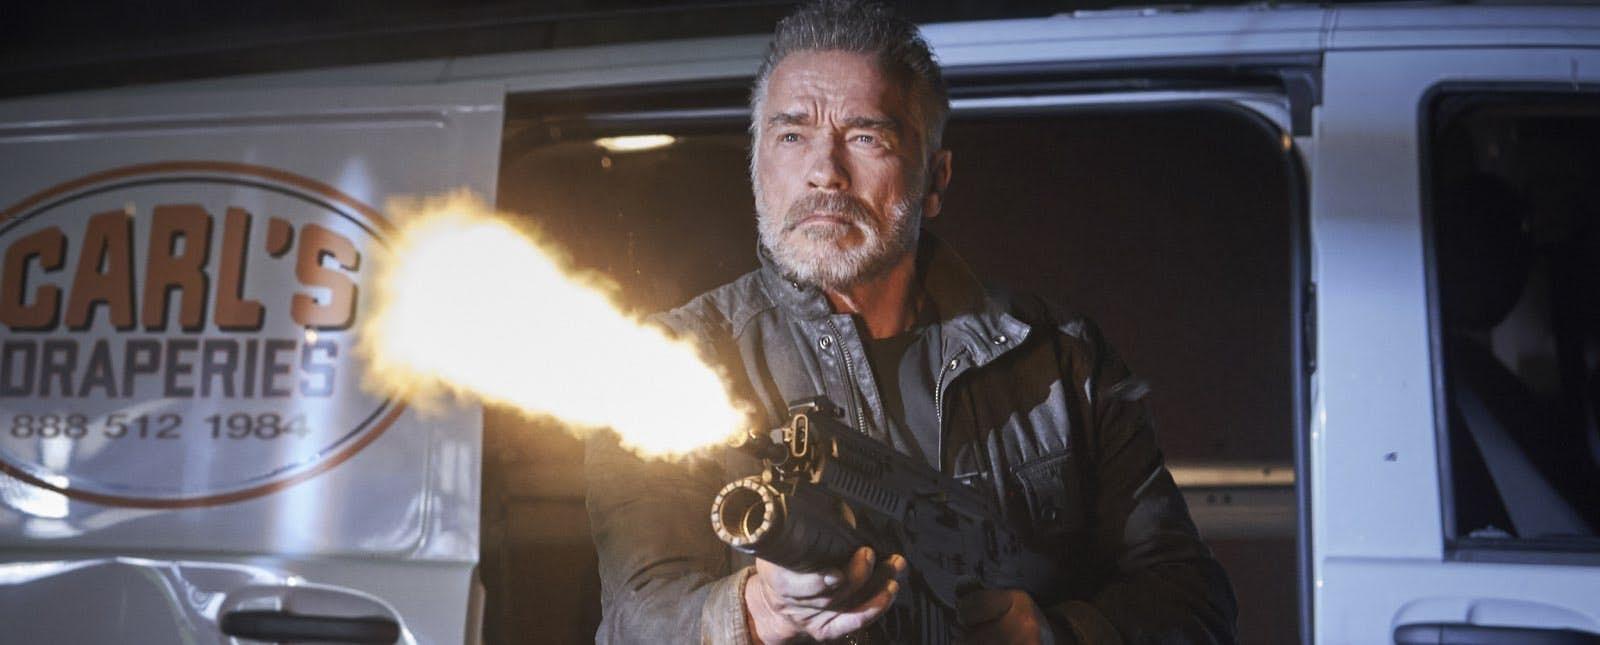 'Kẻ huỷ diệt 6' siêu hot dưới bàn tay của ông hoàng phim tỷ đô James Cameron